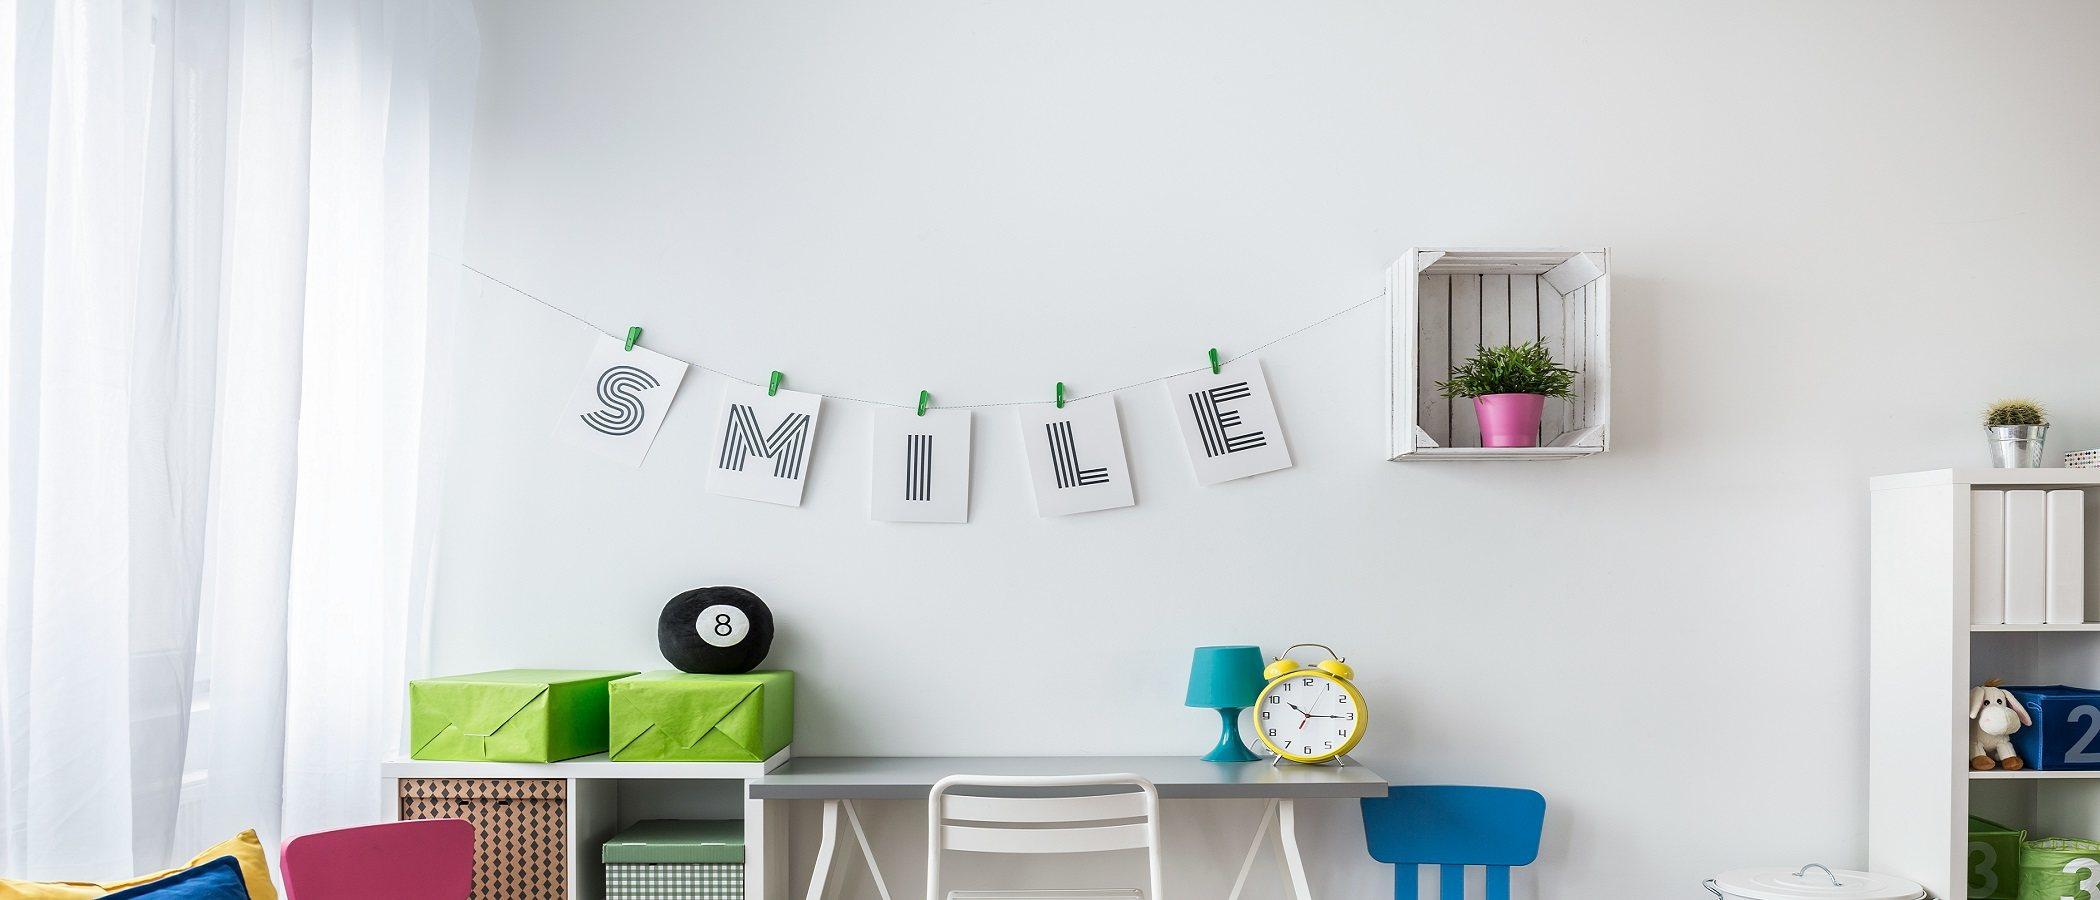 Ideas de almacenamiento prácticas para dormitorios pequeños de niños